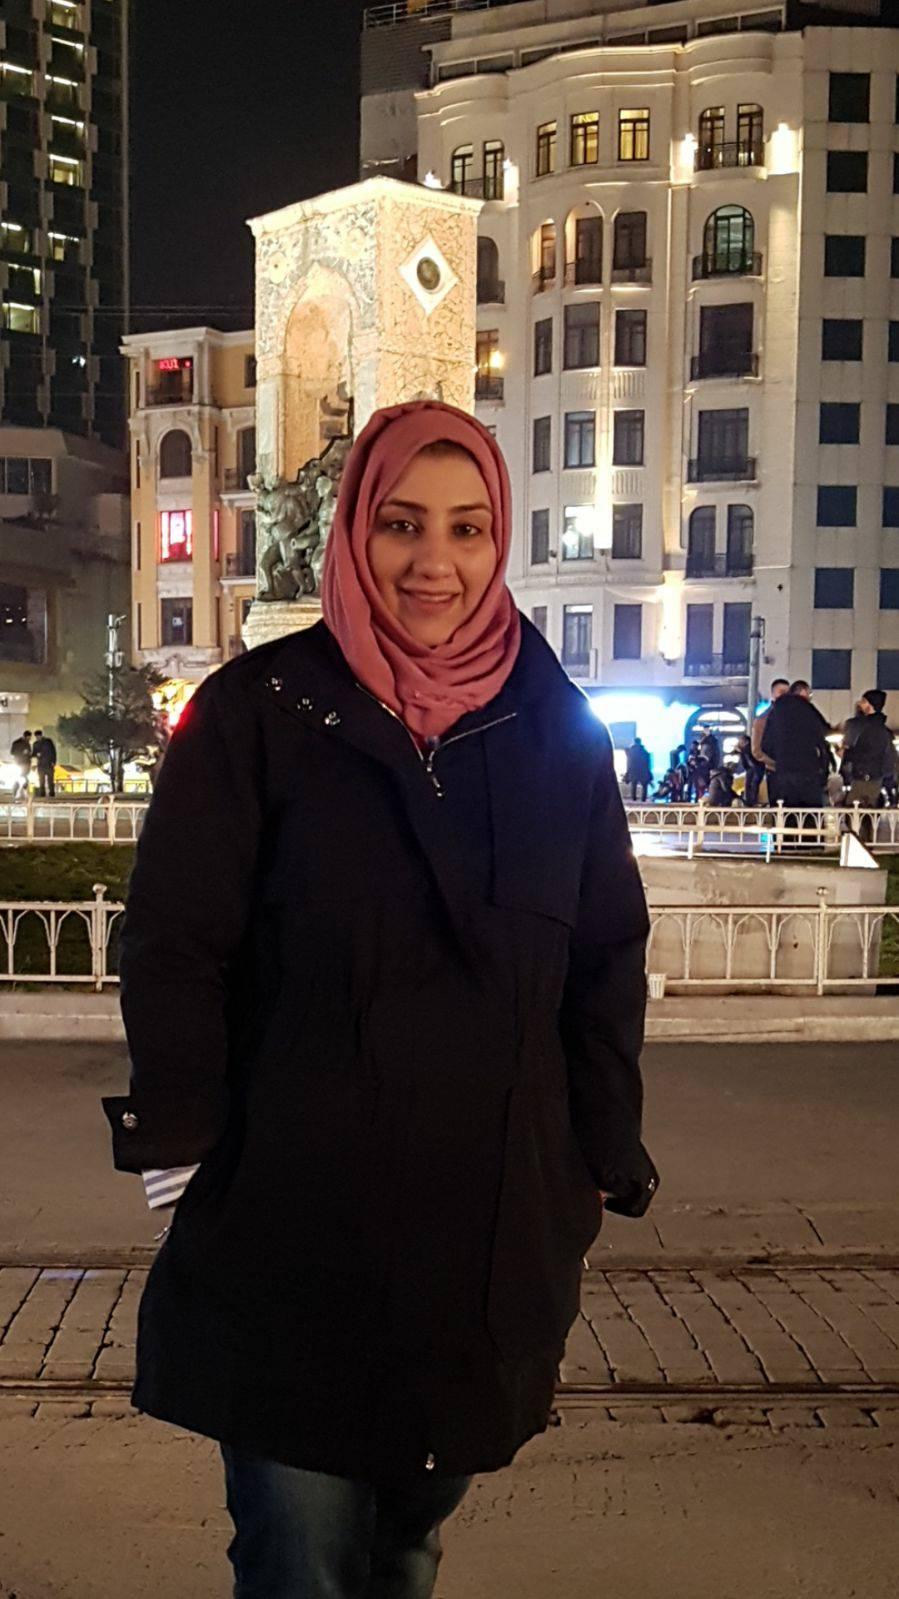 صورة سارة عليوي كاتبة صيف بارد .. لم اهاجم المرأة السعودية والهجوم غير مبرر